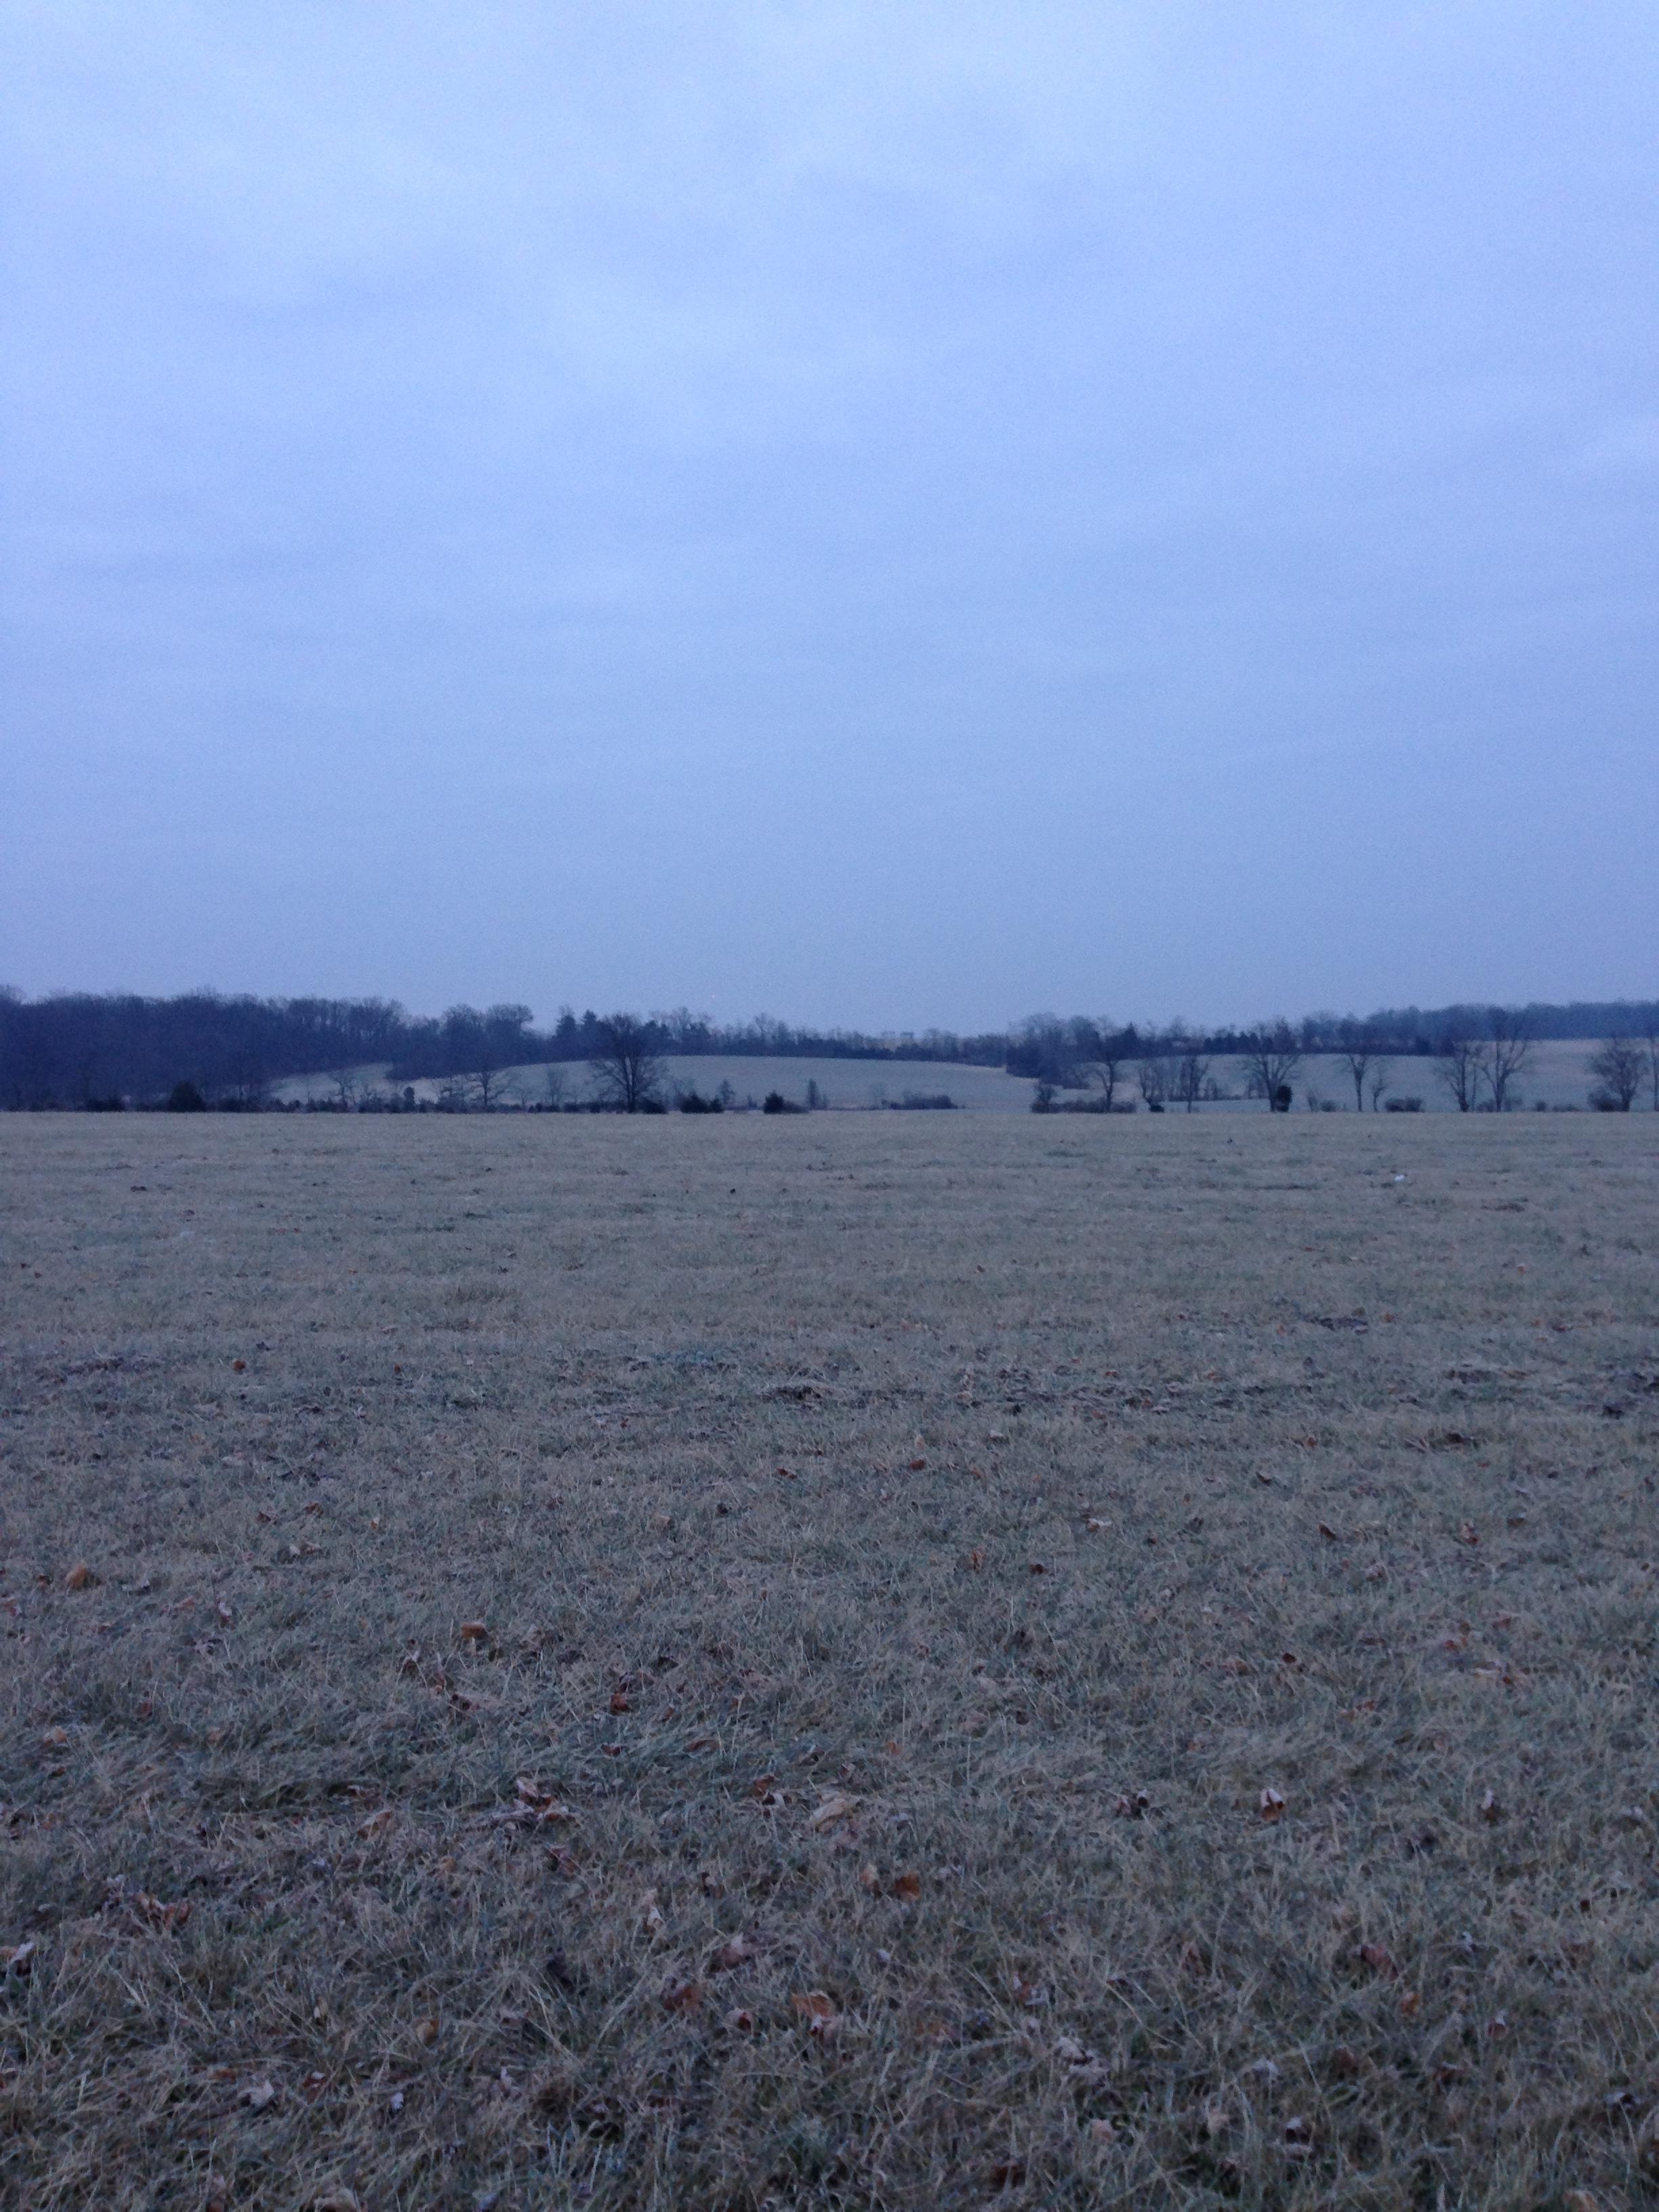 Brrr...it was COLD.